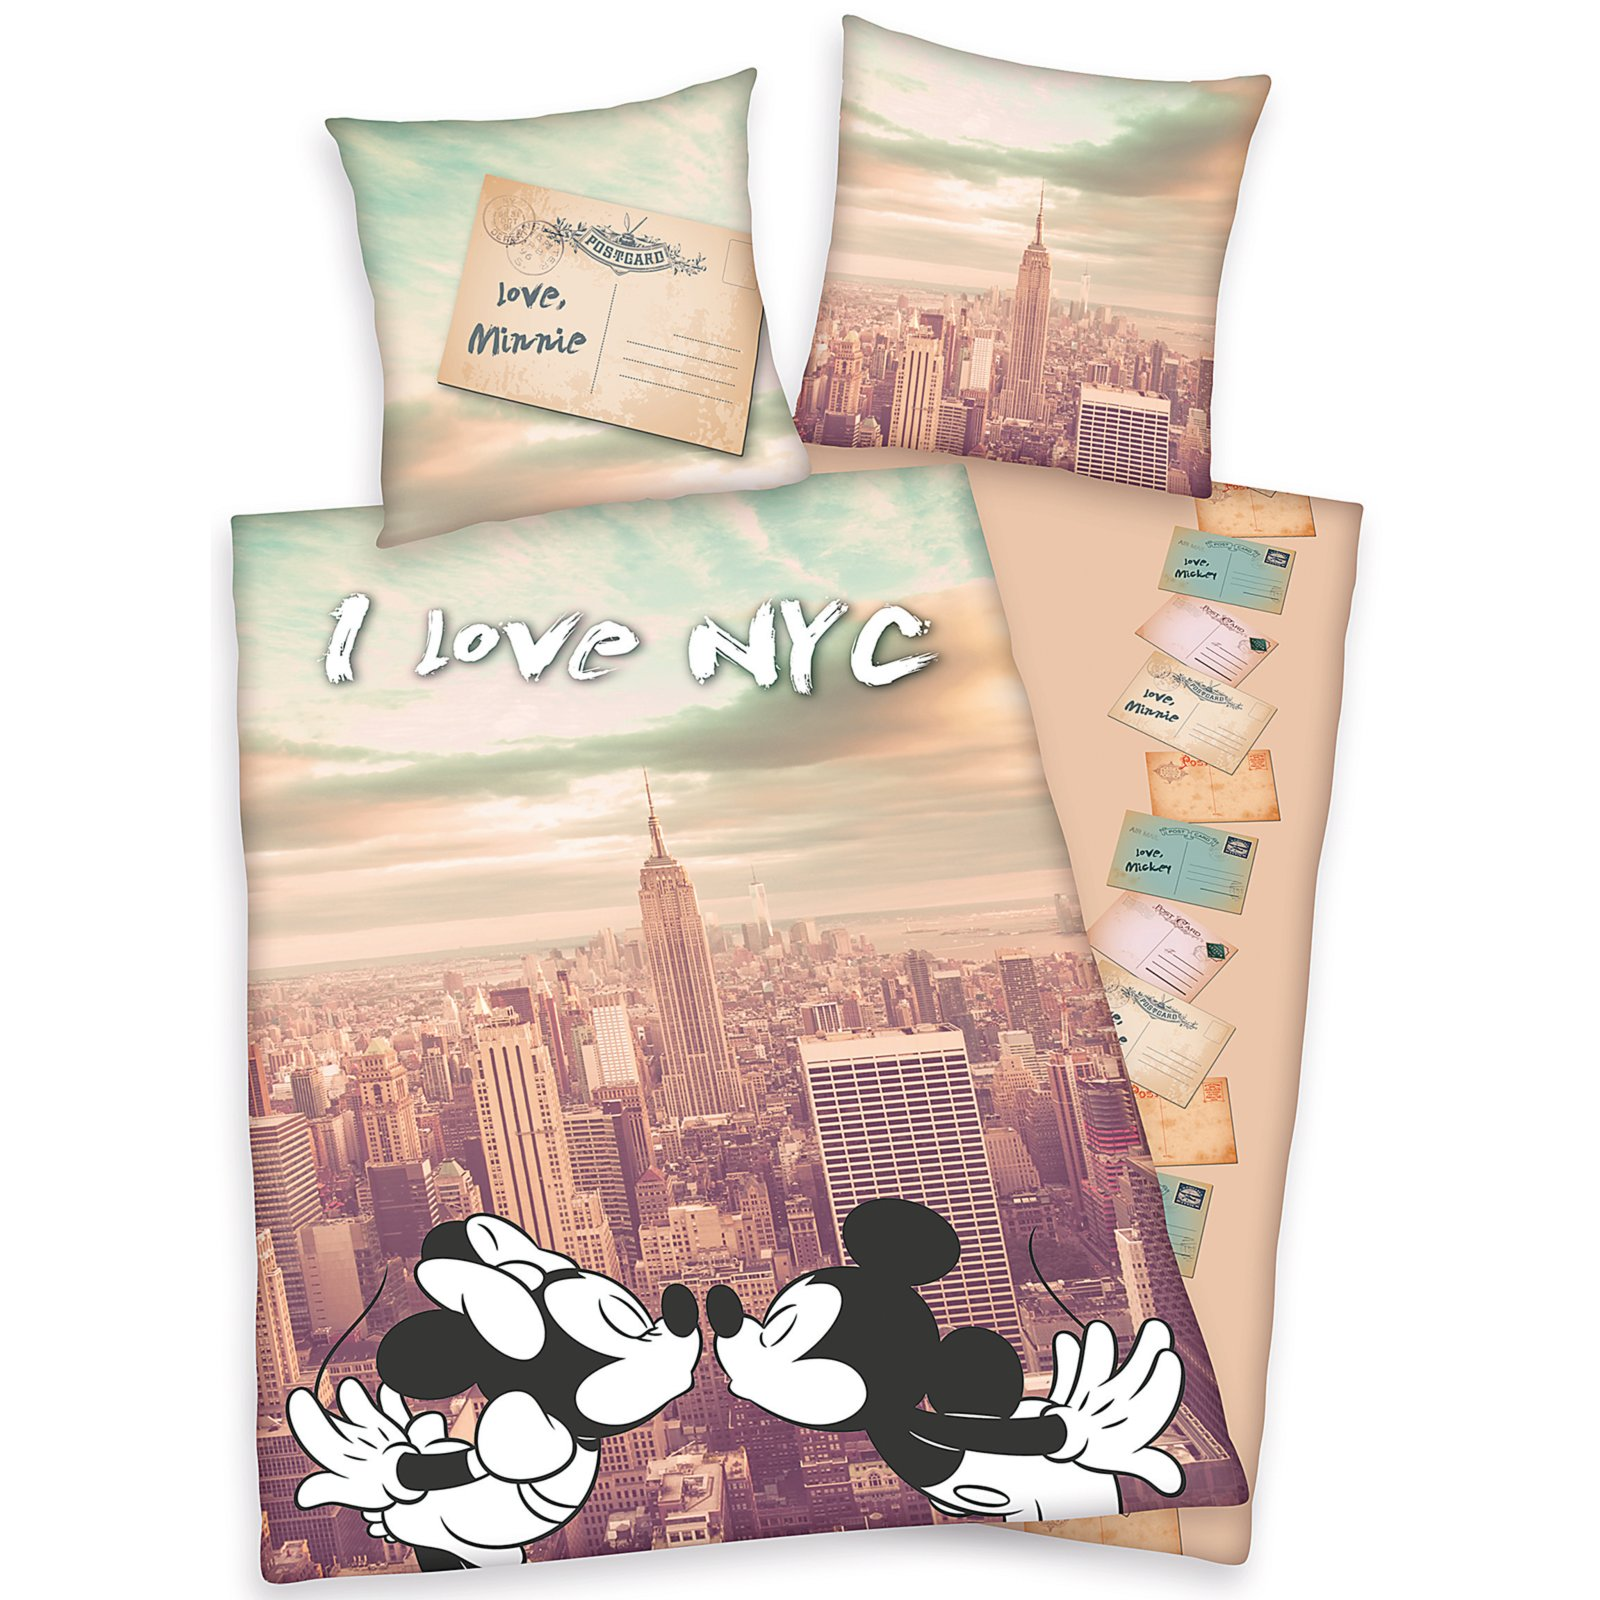 Microfaser Bettwäsche Mickey Minnie New York 135x200 Cm